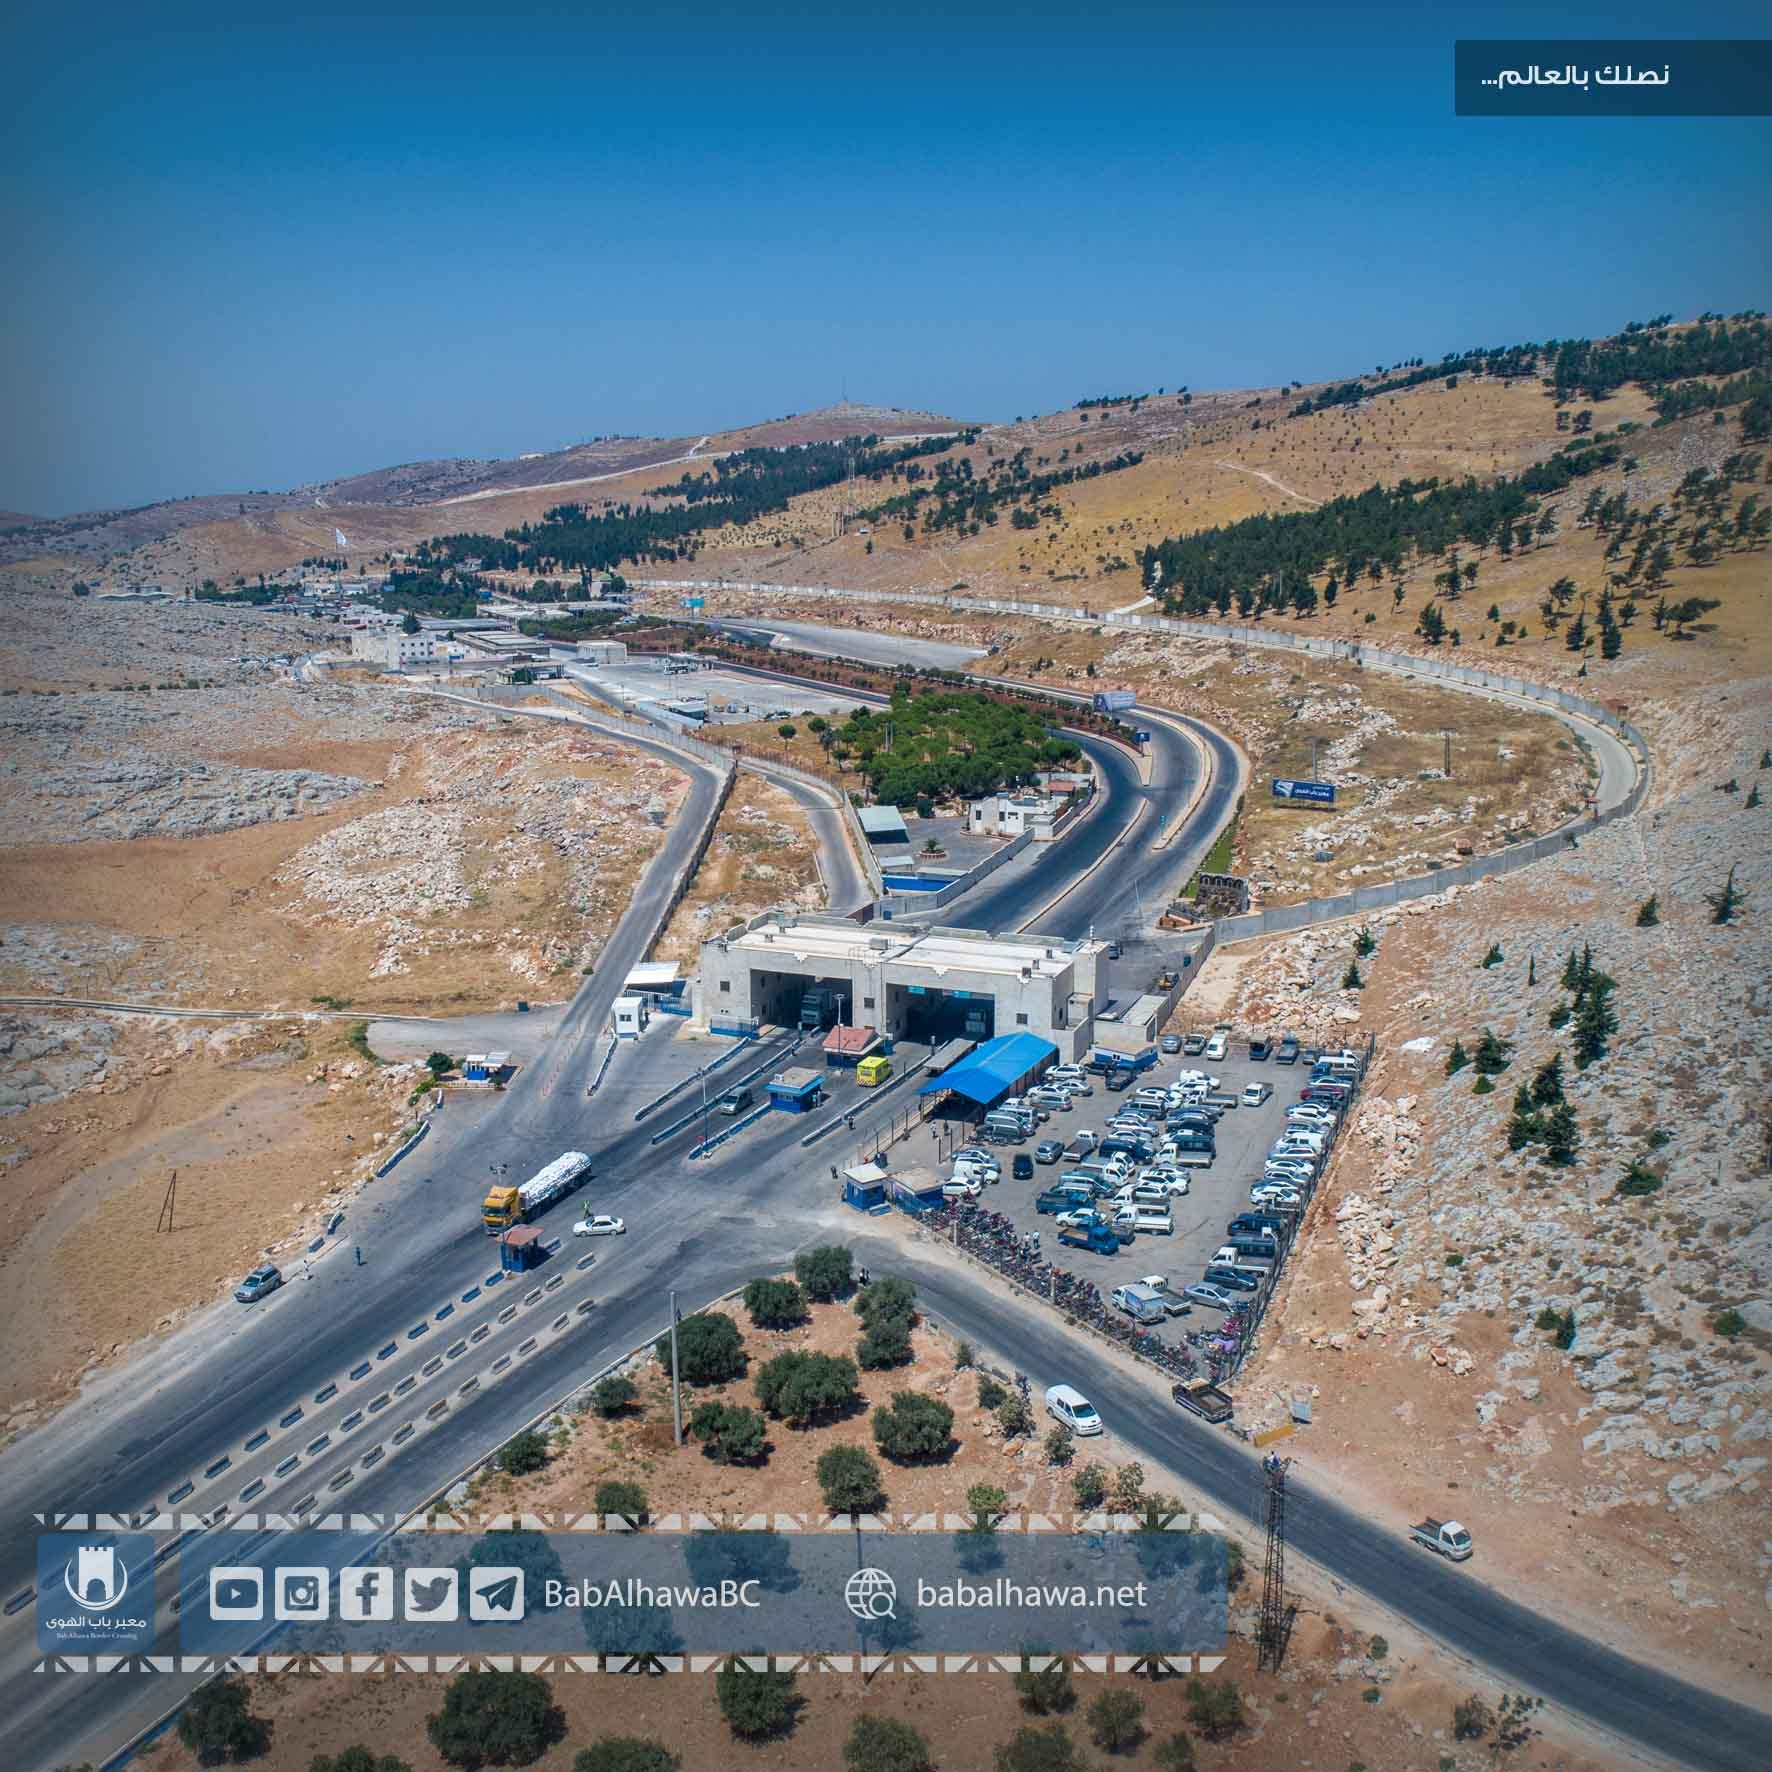 معبر باب الهوى - babalhawa